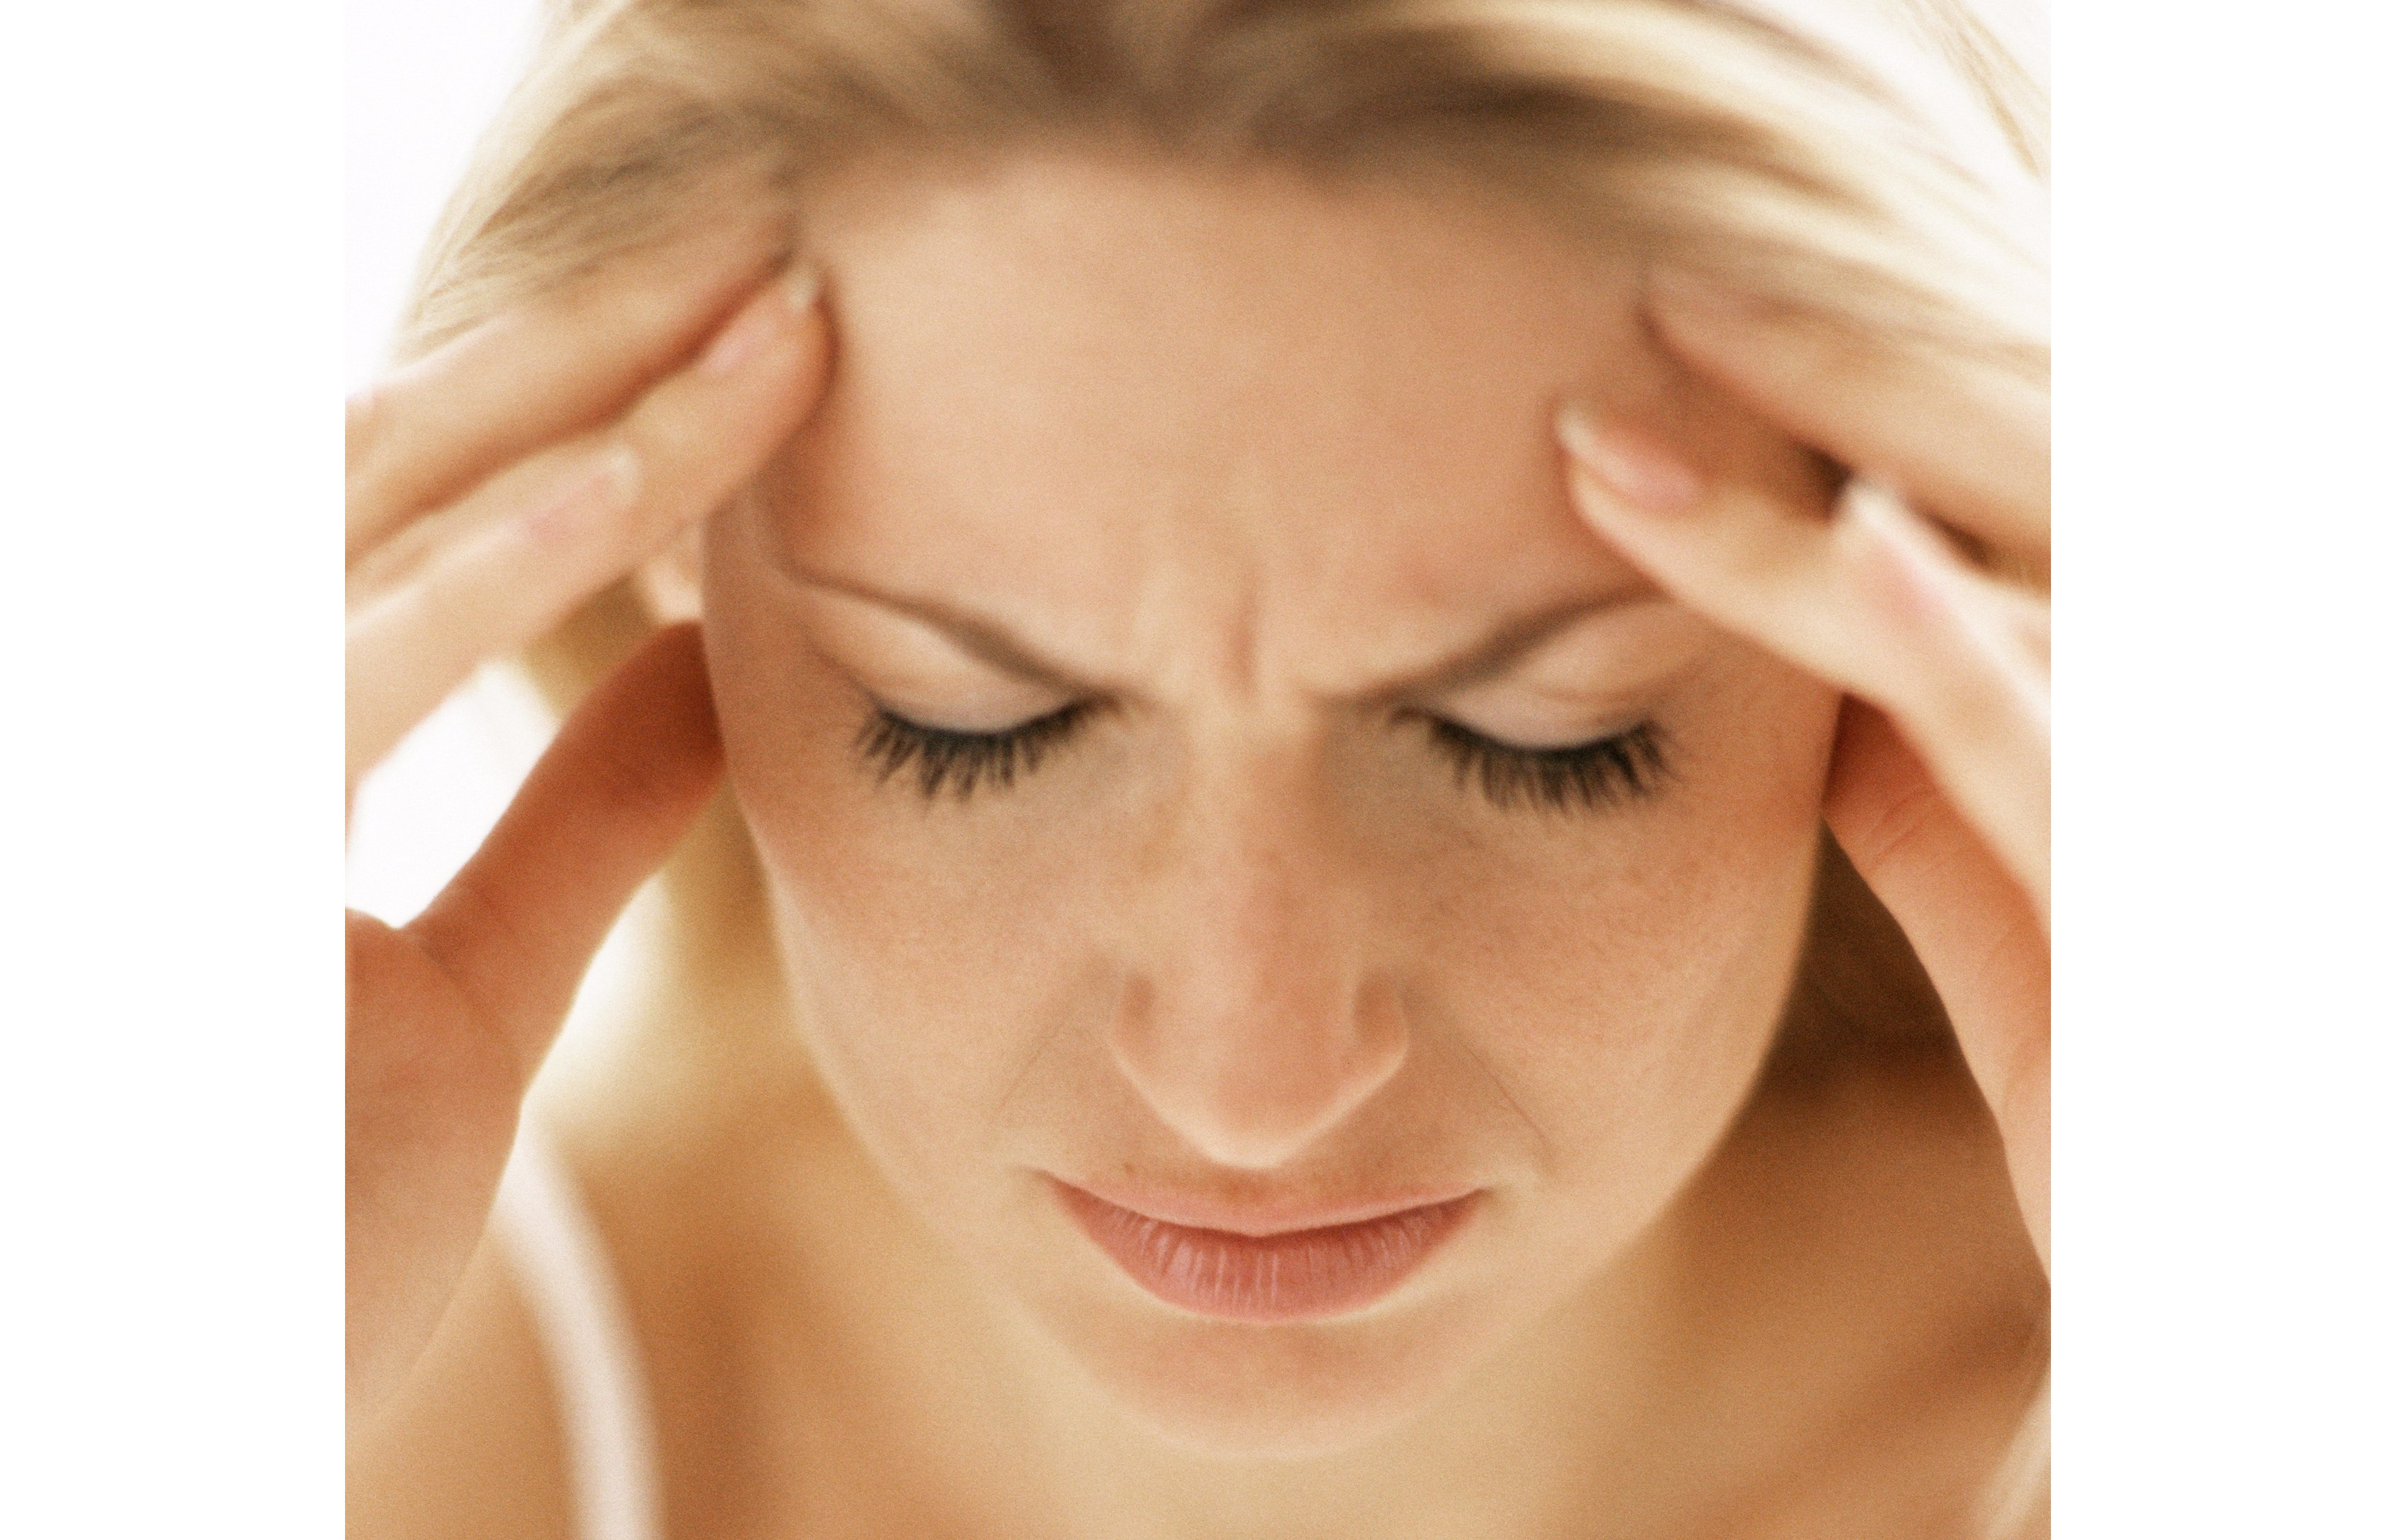 Le cause del mal di testa